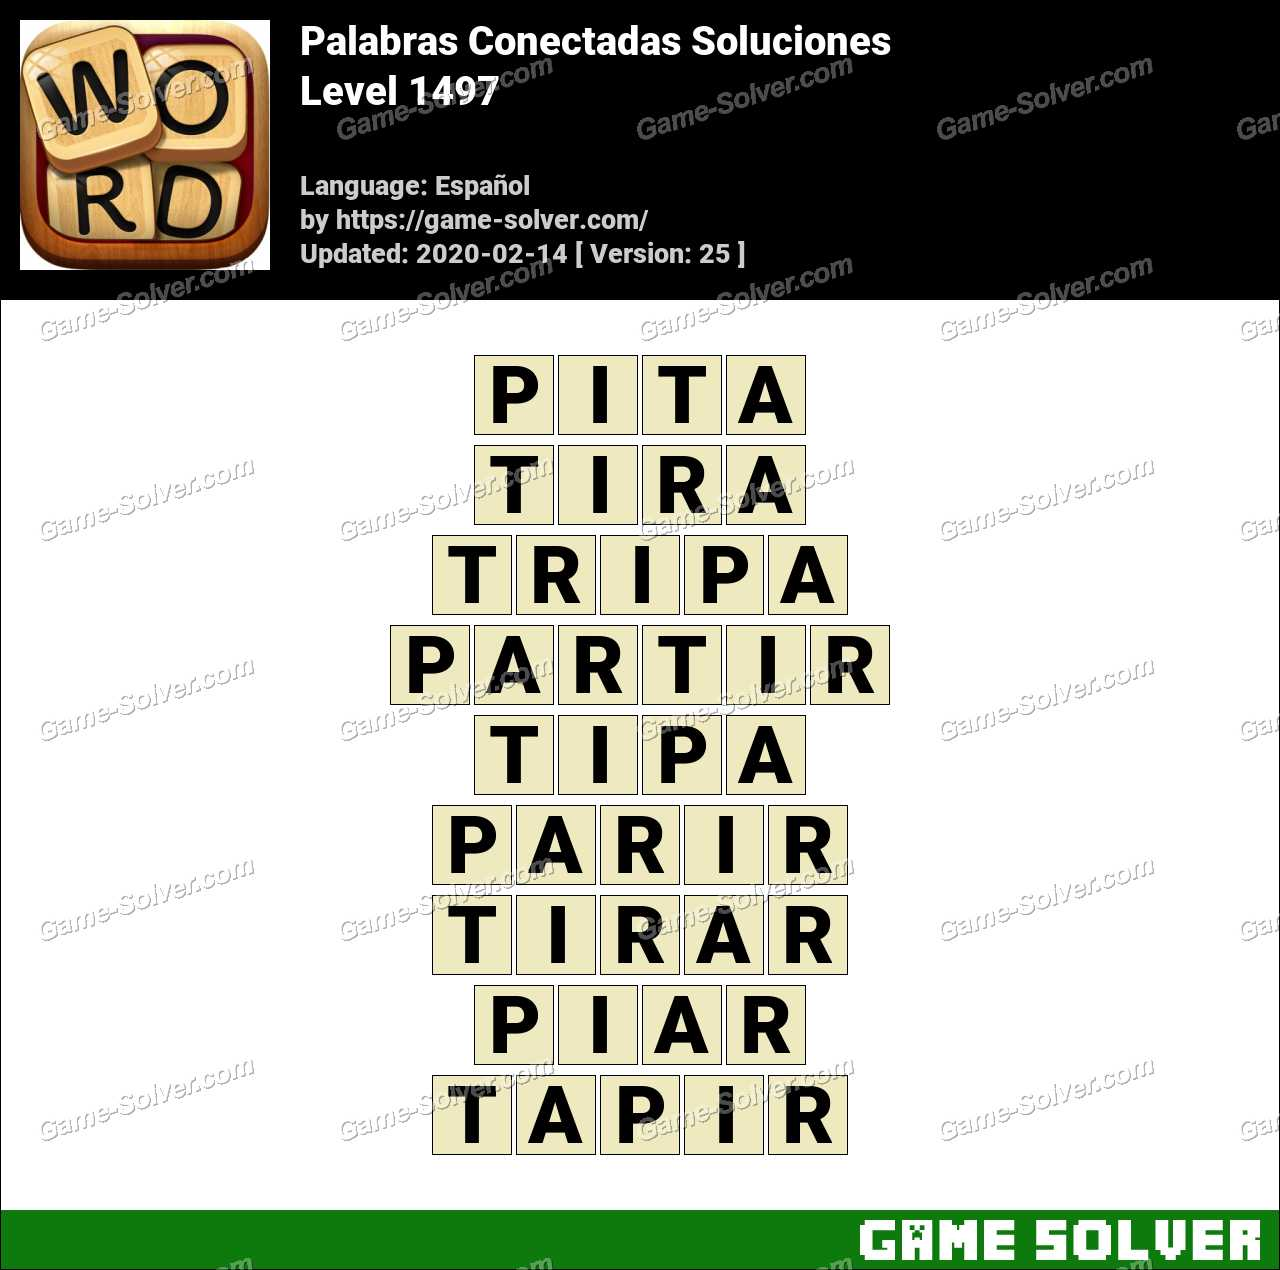 Palabras Conectadas Nivel 1497 Soluciones